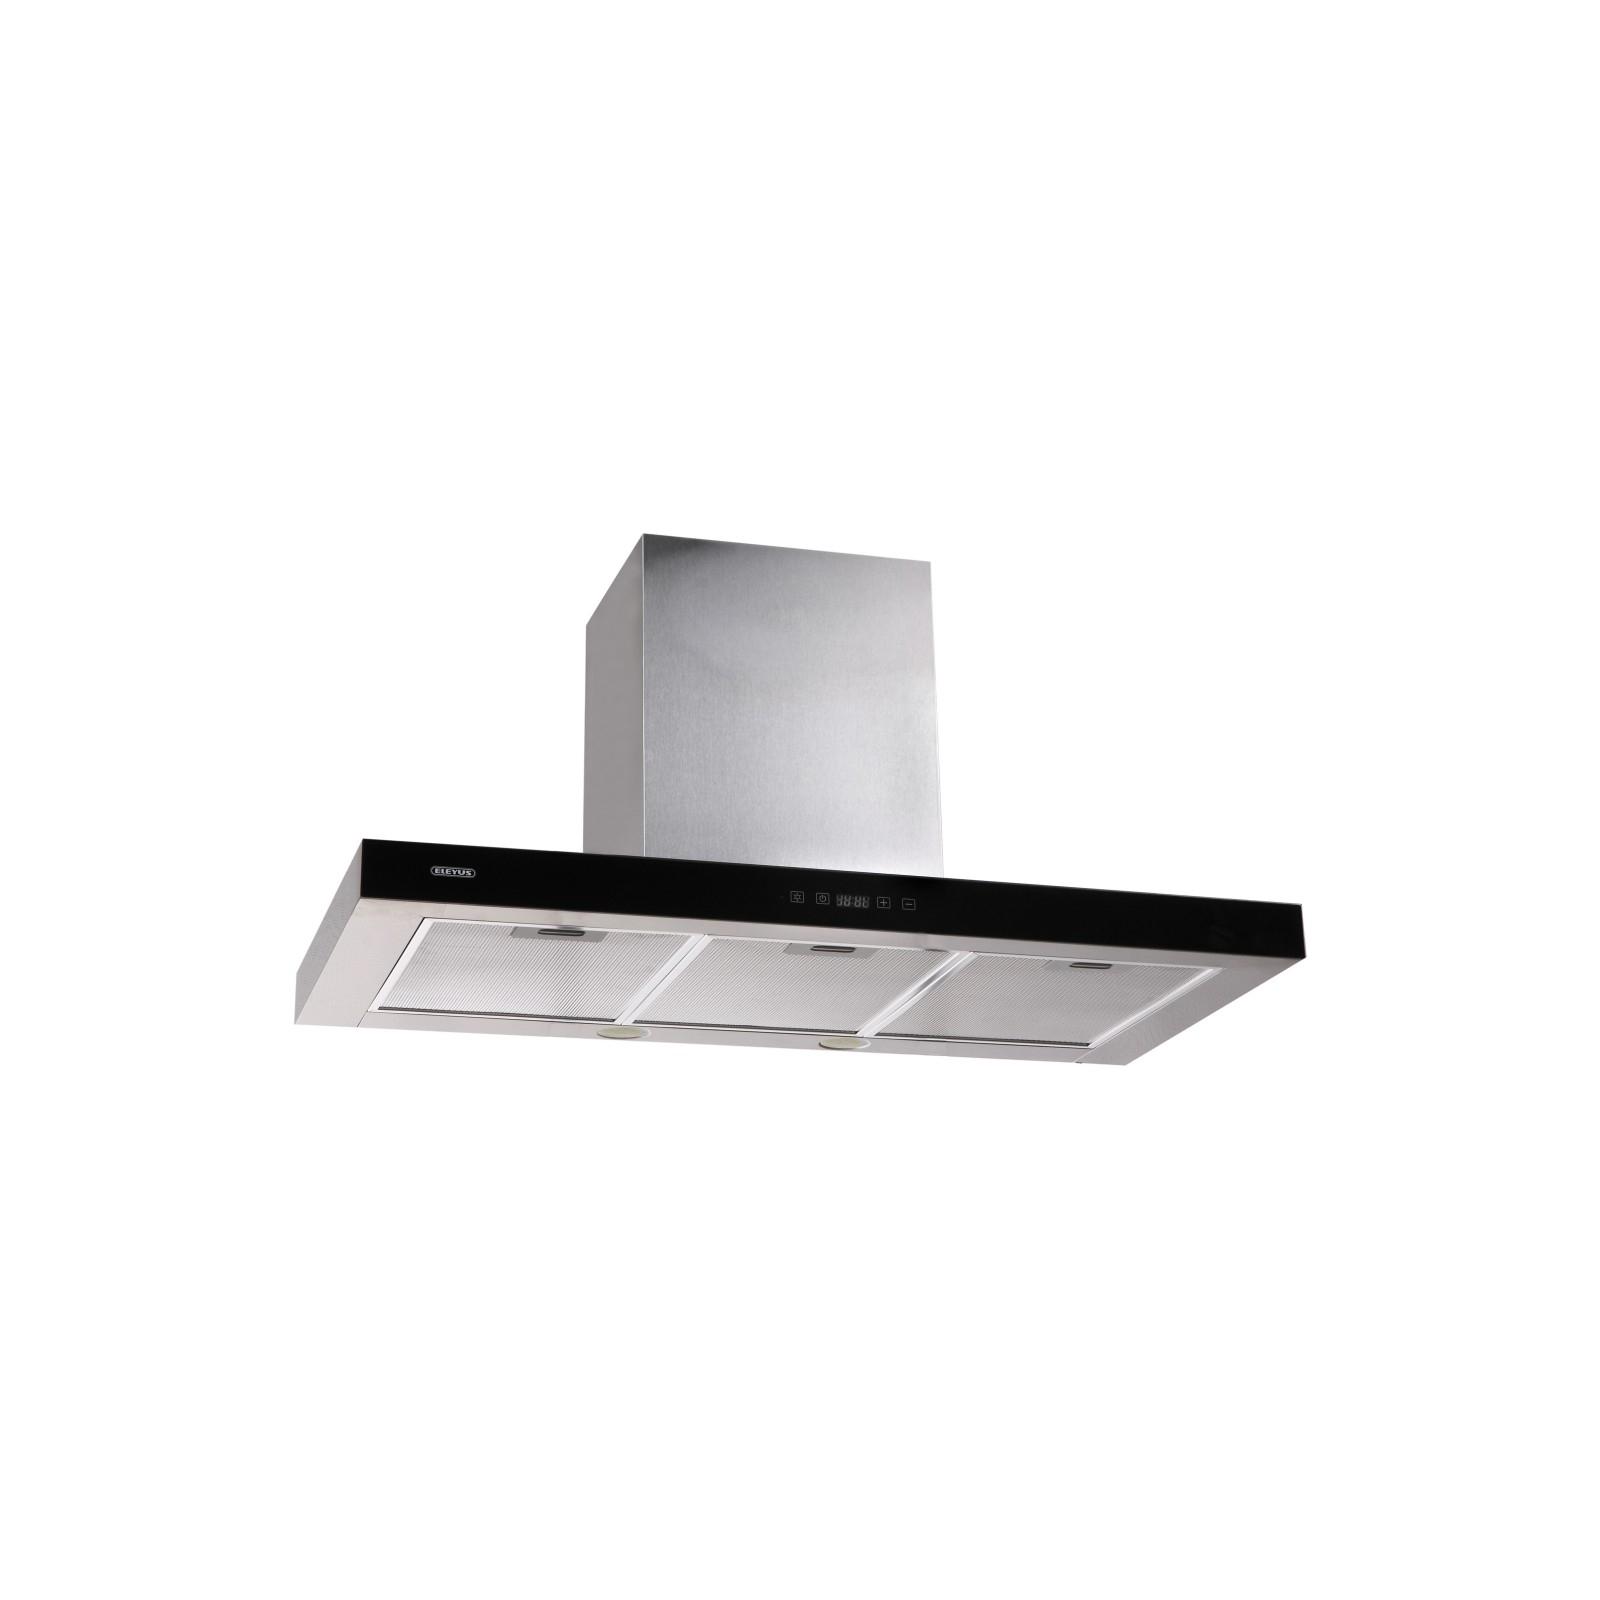 Вытяжка кухонная Eleyus Stels 1200 LED SMD 90 IS+BL (Stels1200LEDSMD90IS+BL)